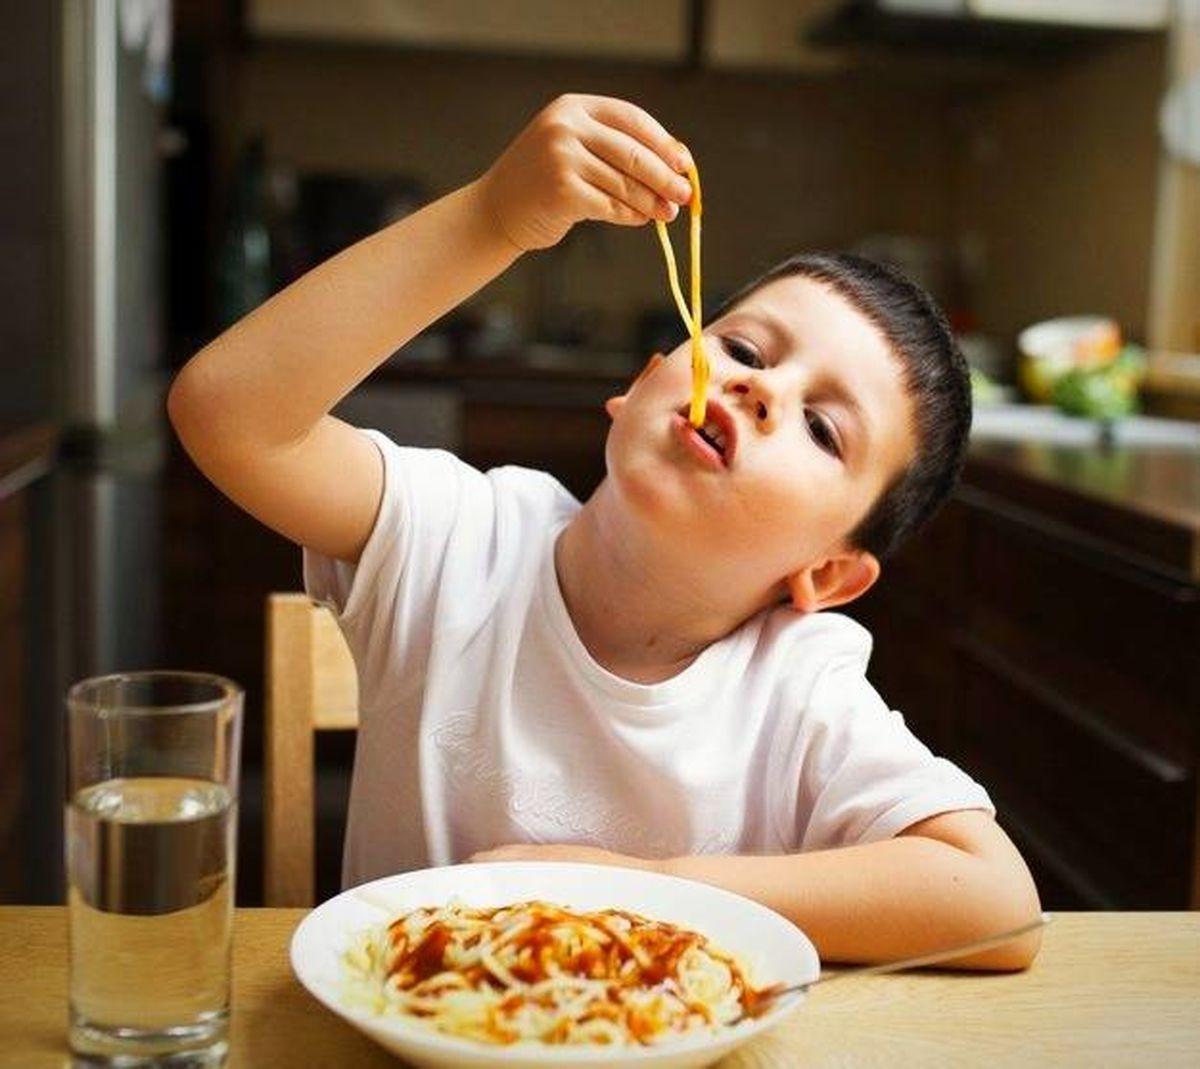 این حالات یعنی کودک شما حساسیت غذایی دارد!